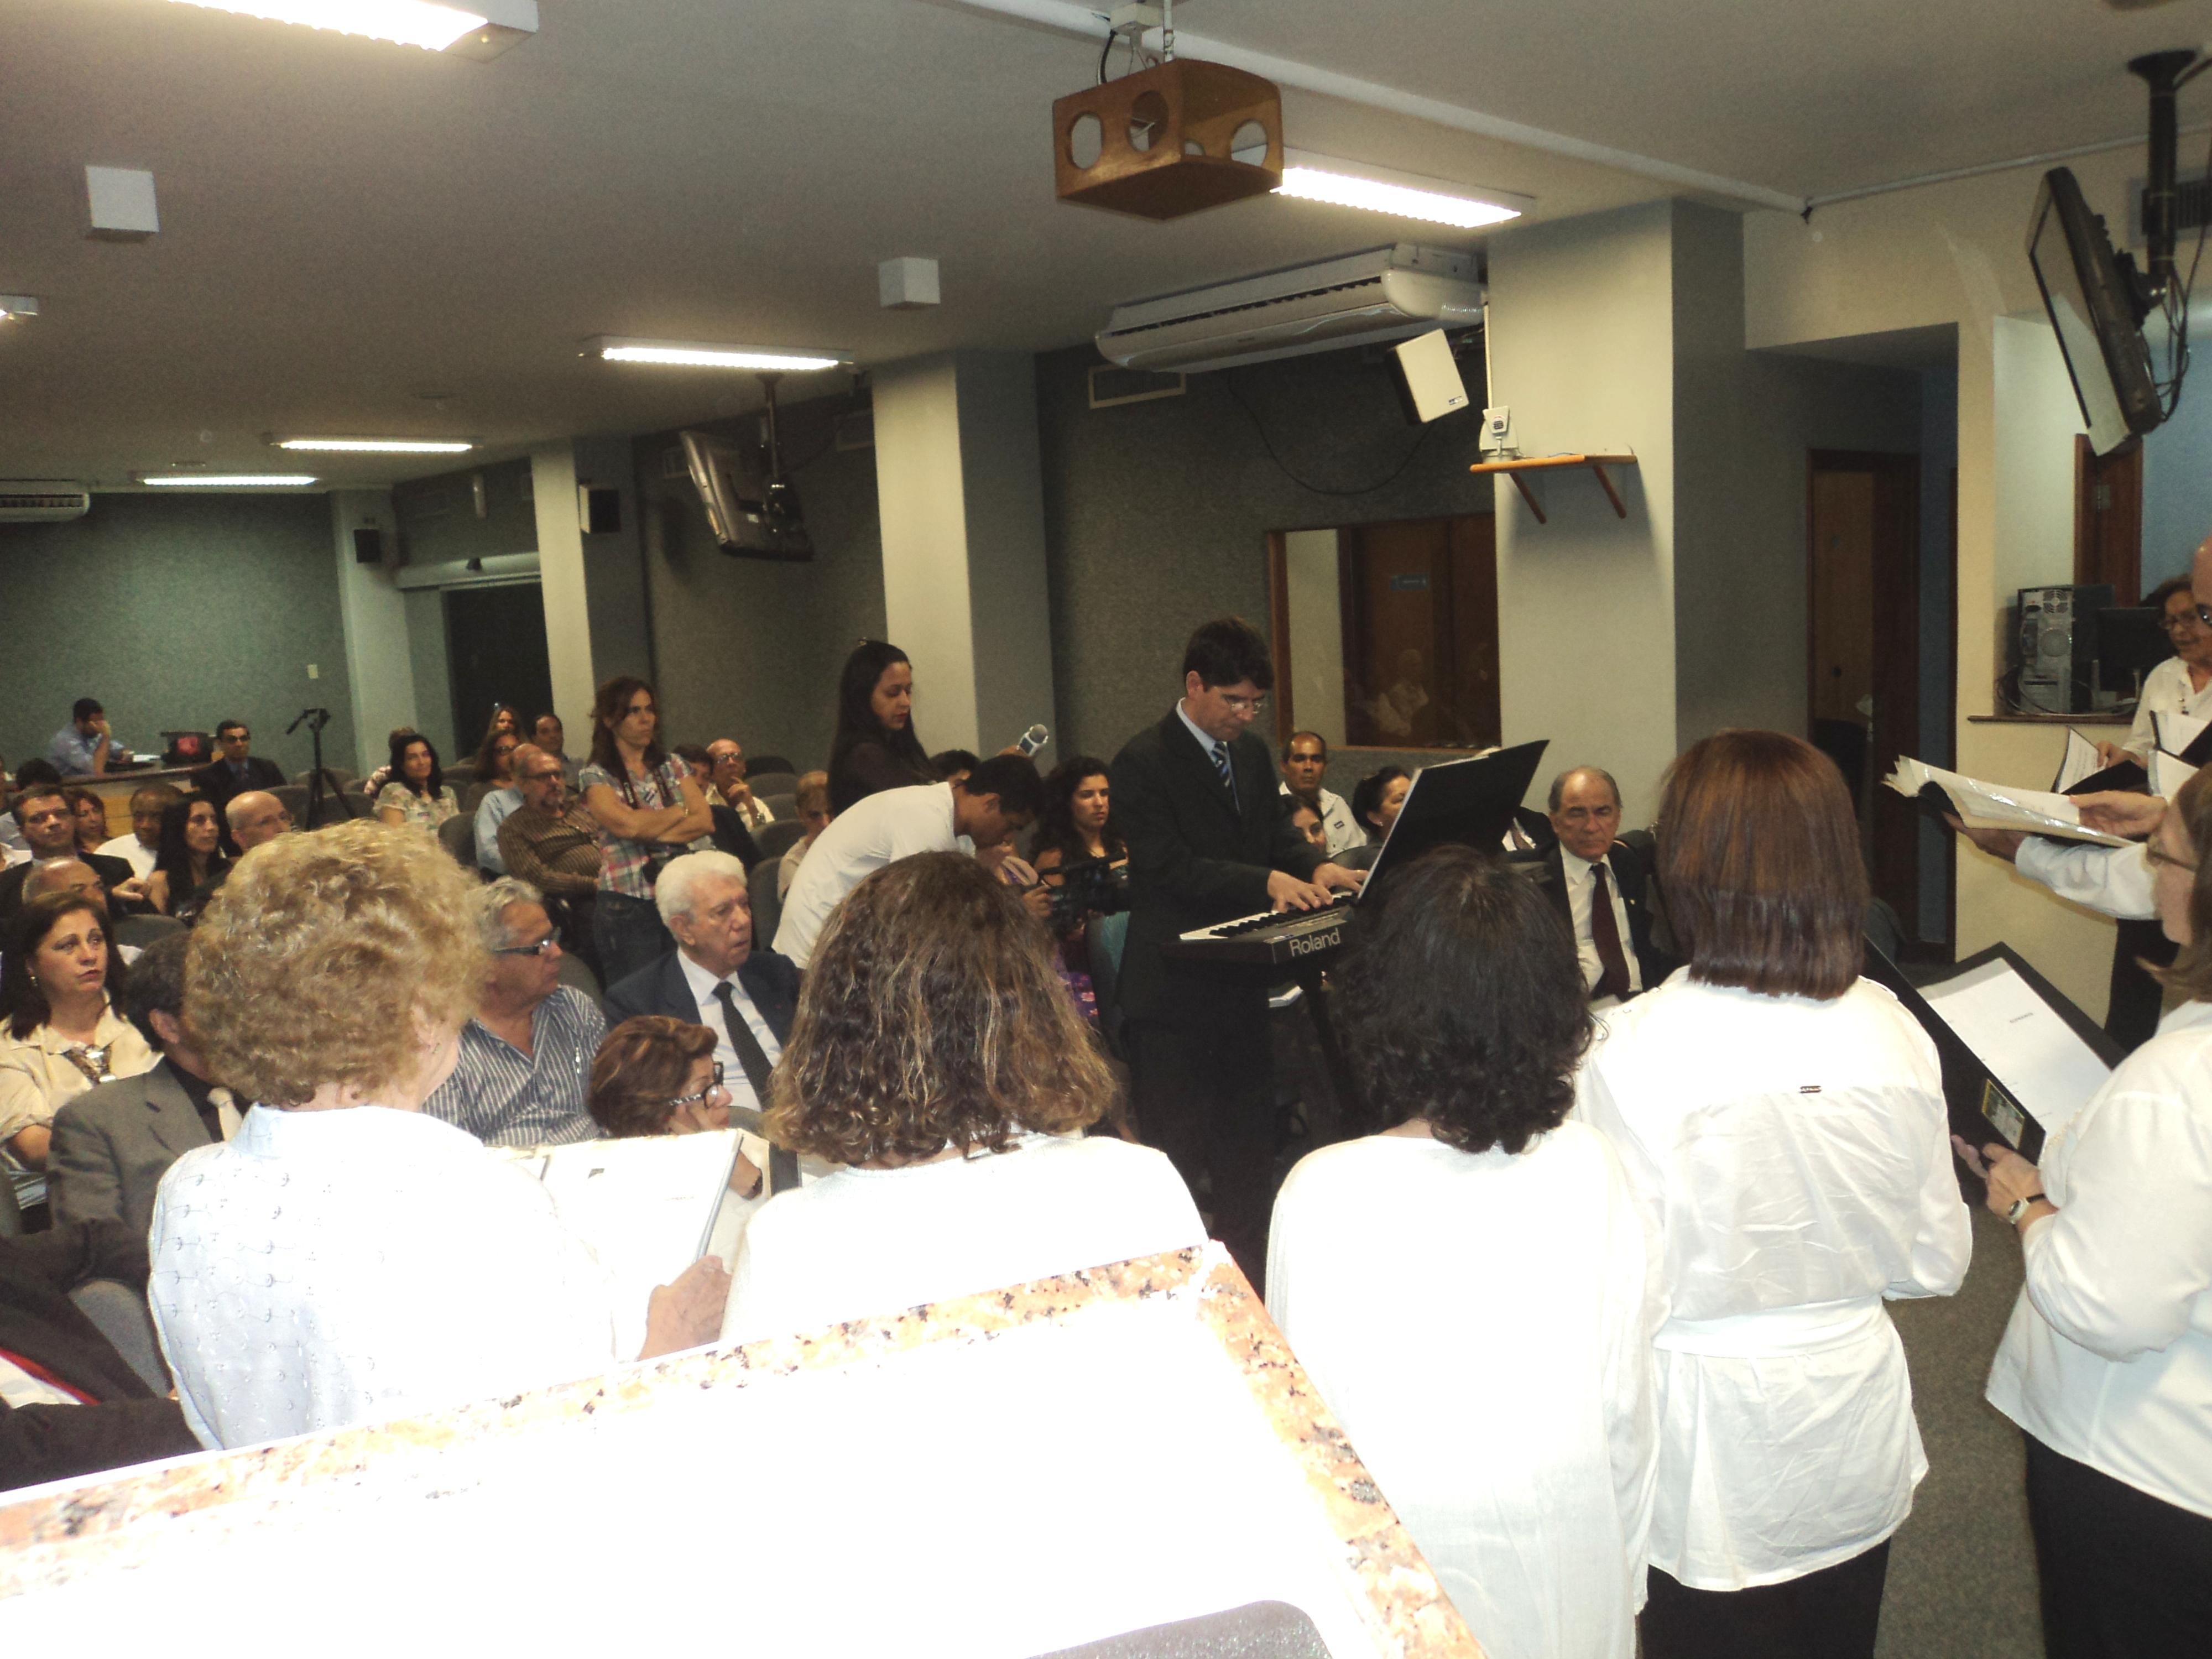 foto do auditorio evento CREA-RJ 17.12.13 apresentação coral